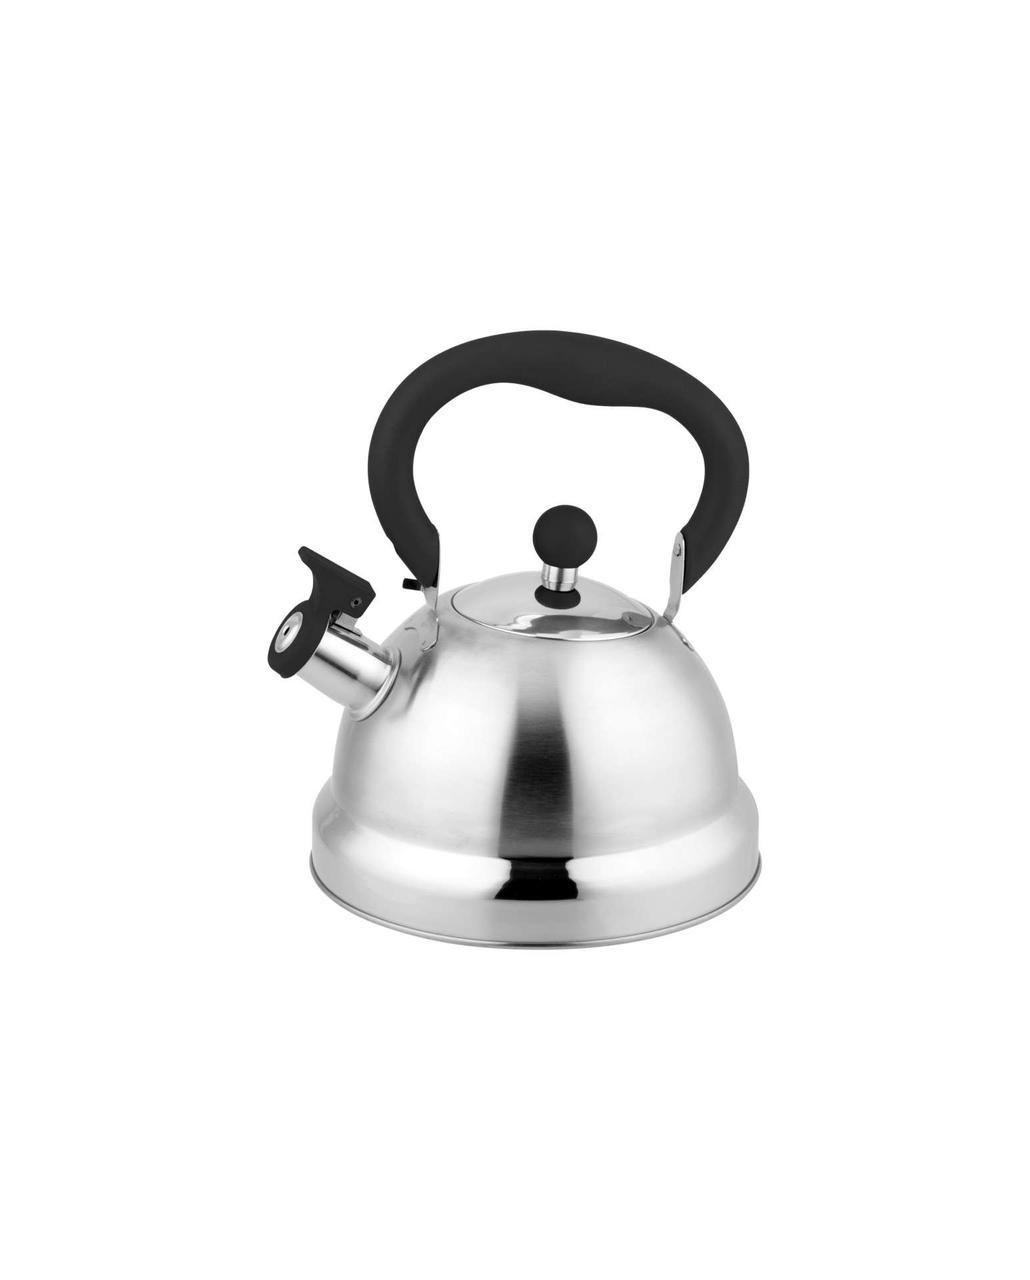 Чайник со свистком из нержавеющей стали Con Brio CB-411   металлический чайник Con Brio черный